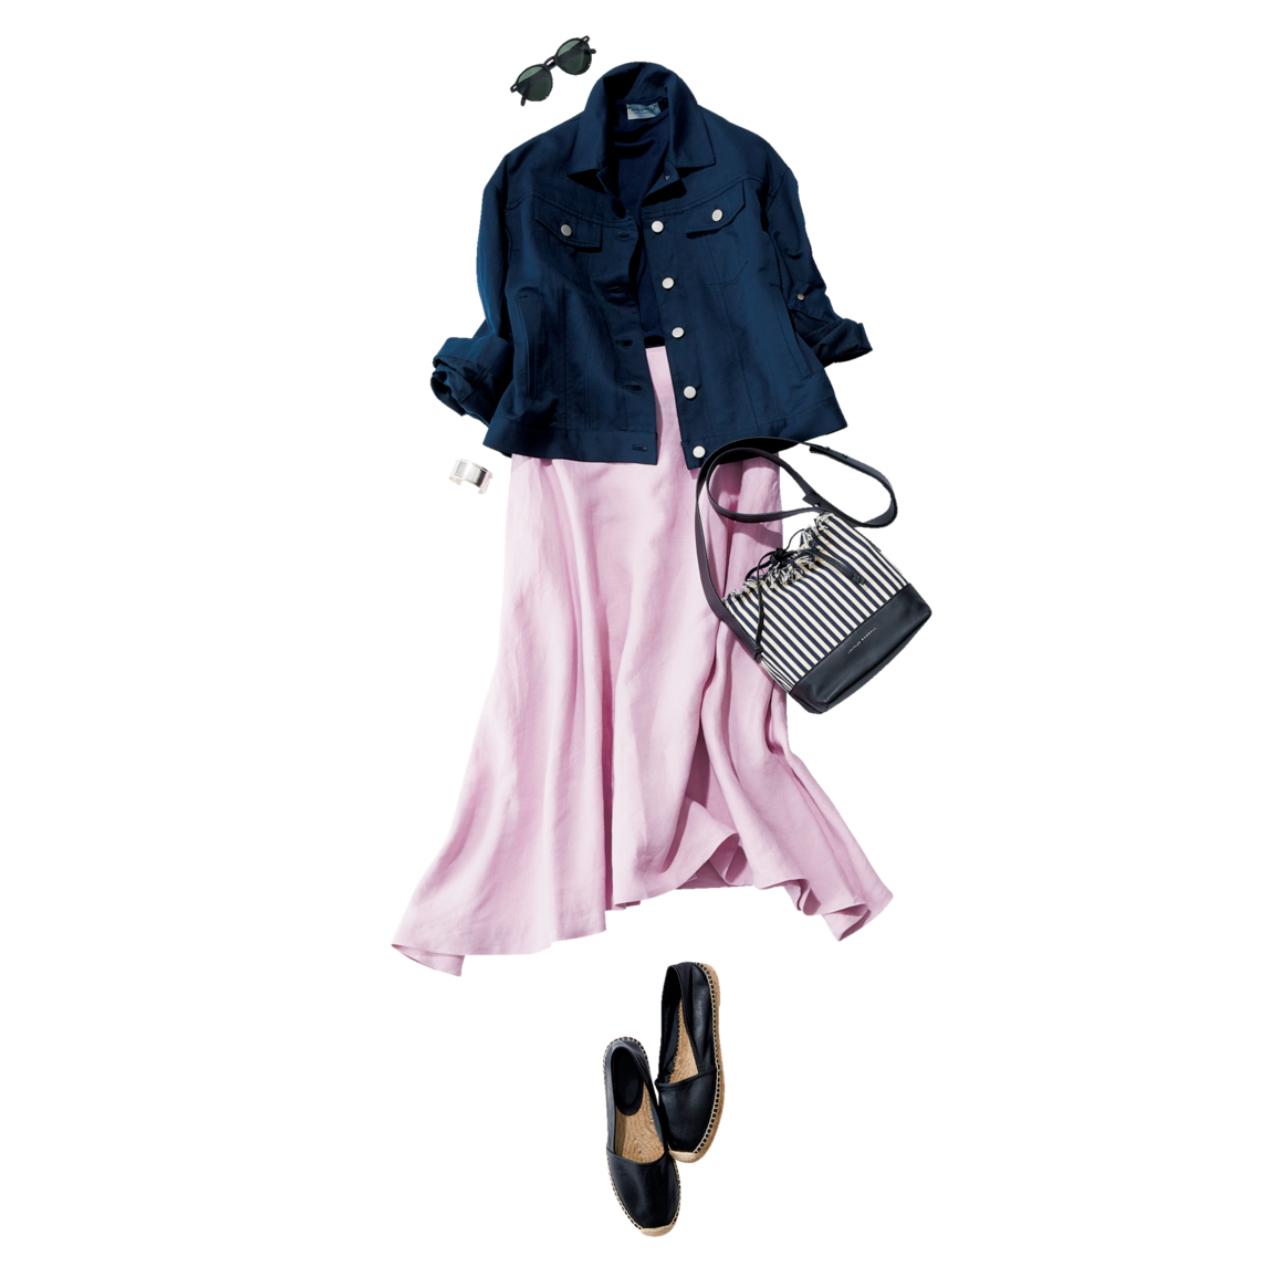 ピンクスカート×ジャケットのファッションコーデ